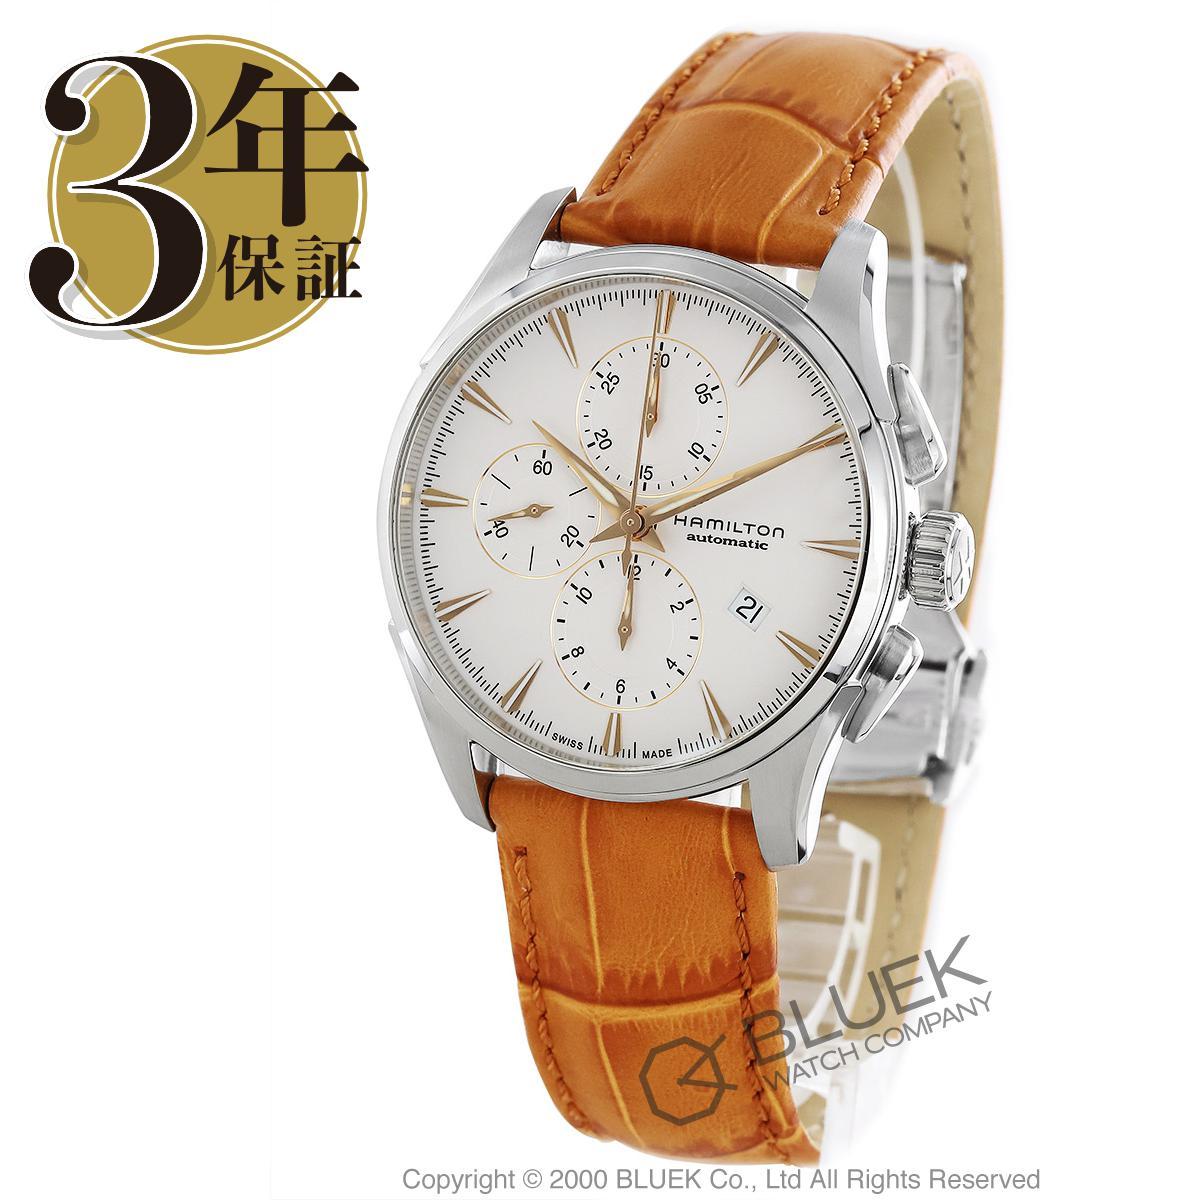 ハミルトン ジャズマスター オート クロノ クロノグラフ 腕時計 メンズ HAMILTON H32586511_3